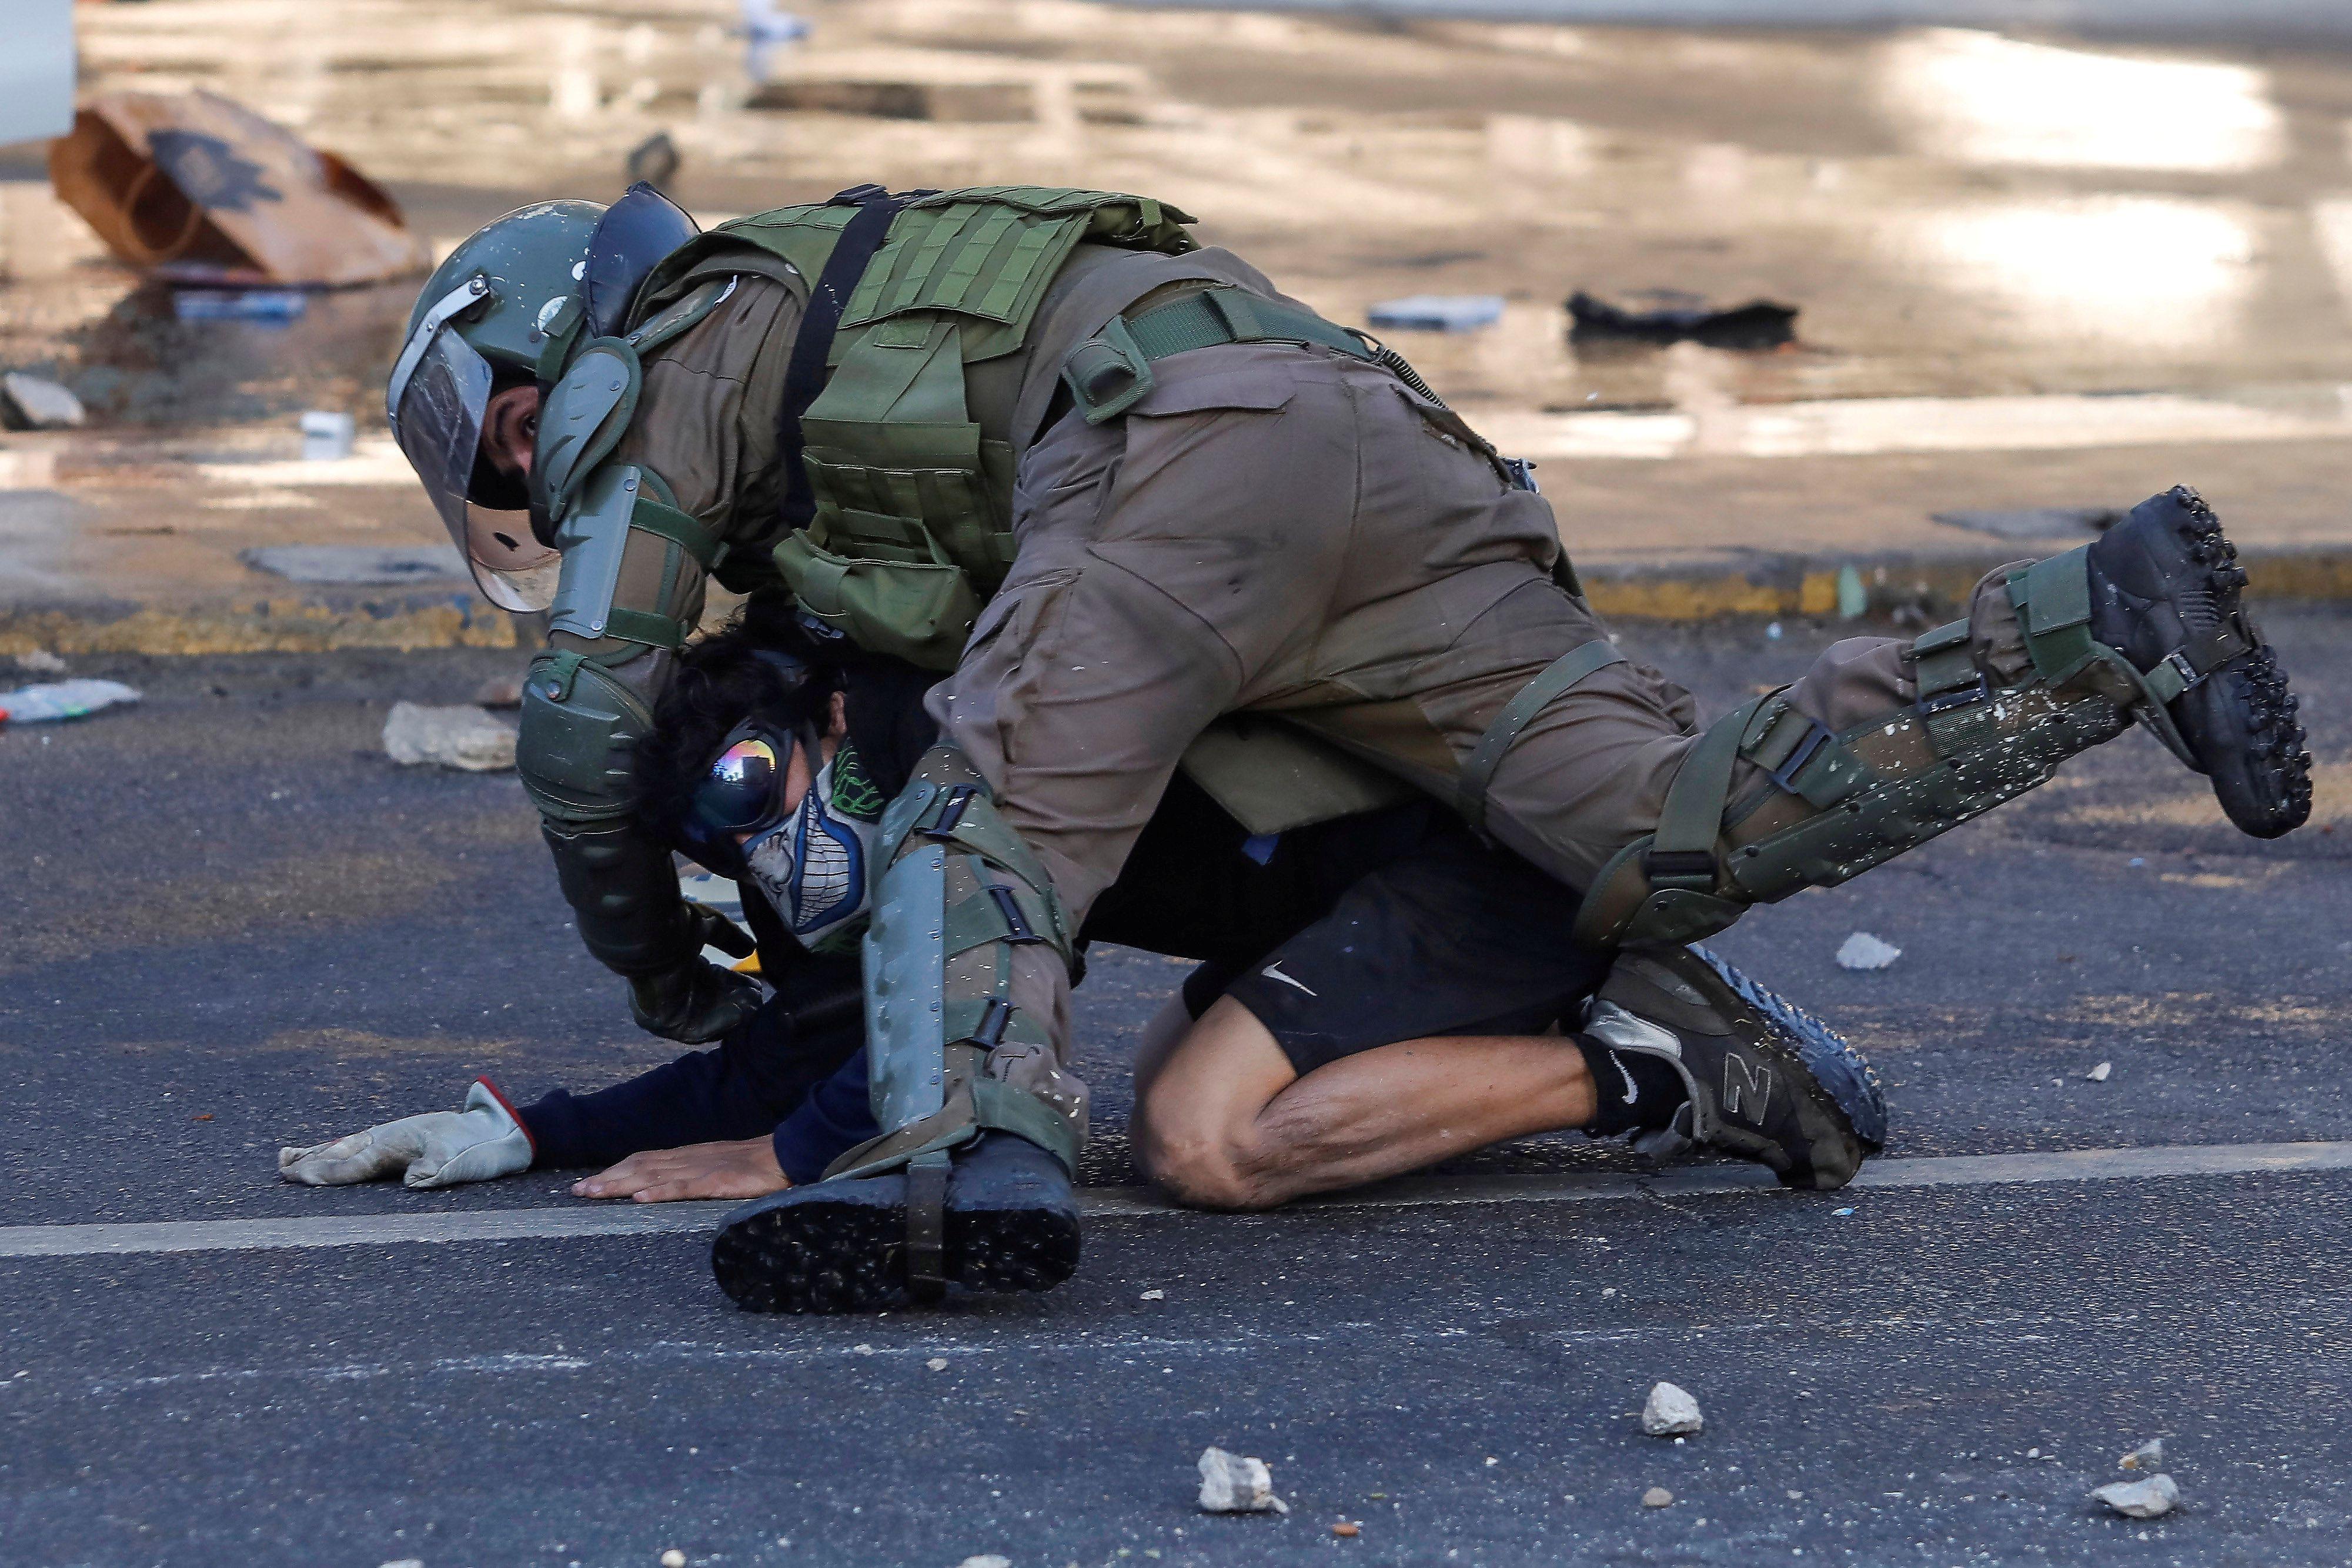 Un manifestante es detenido por un miembro de las fuerzas de seguridad durante una protesta contra el gobierno de Chile en Viña del Mar, (REUTERS / Leandro Torchio)